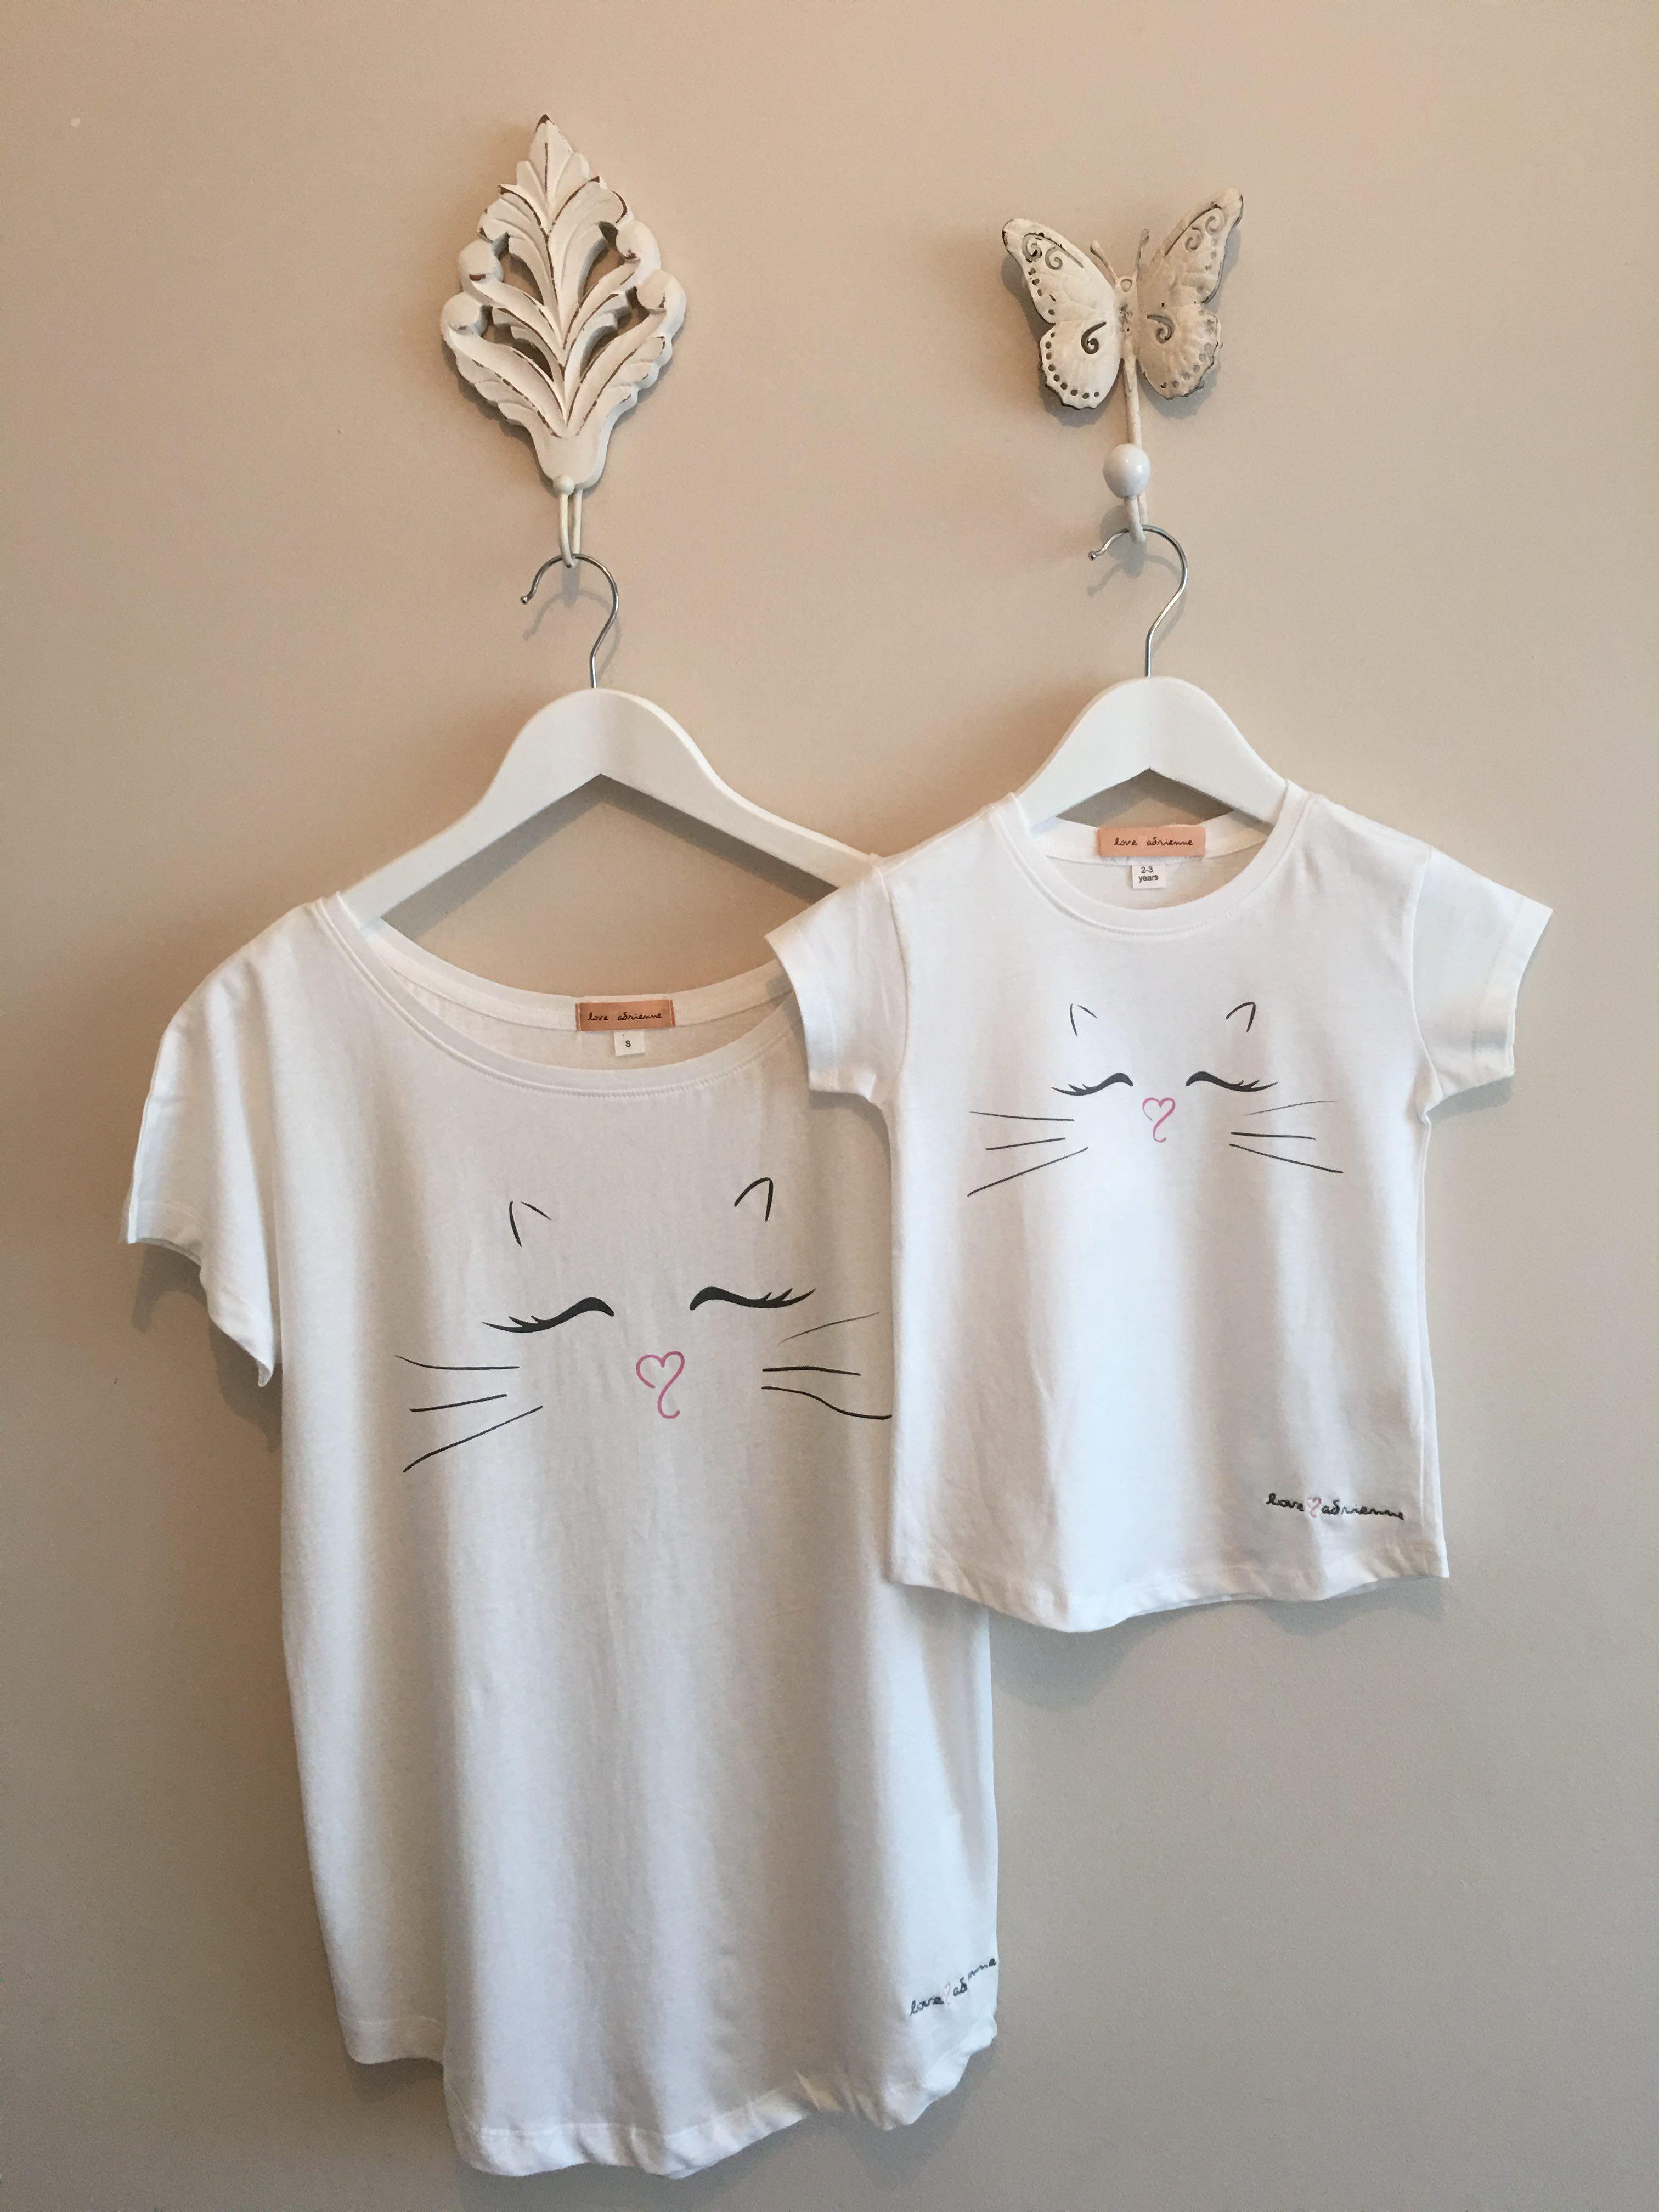 64baa2776636 Camiseta  minime by  loveadrienne. Estampado delantero gato. Para ...